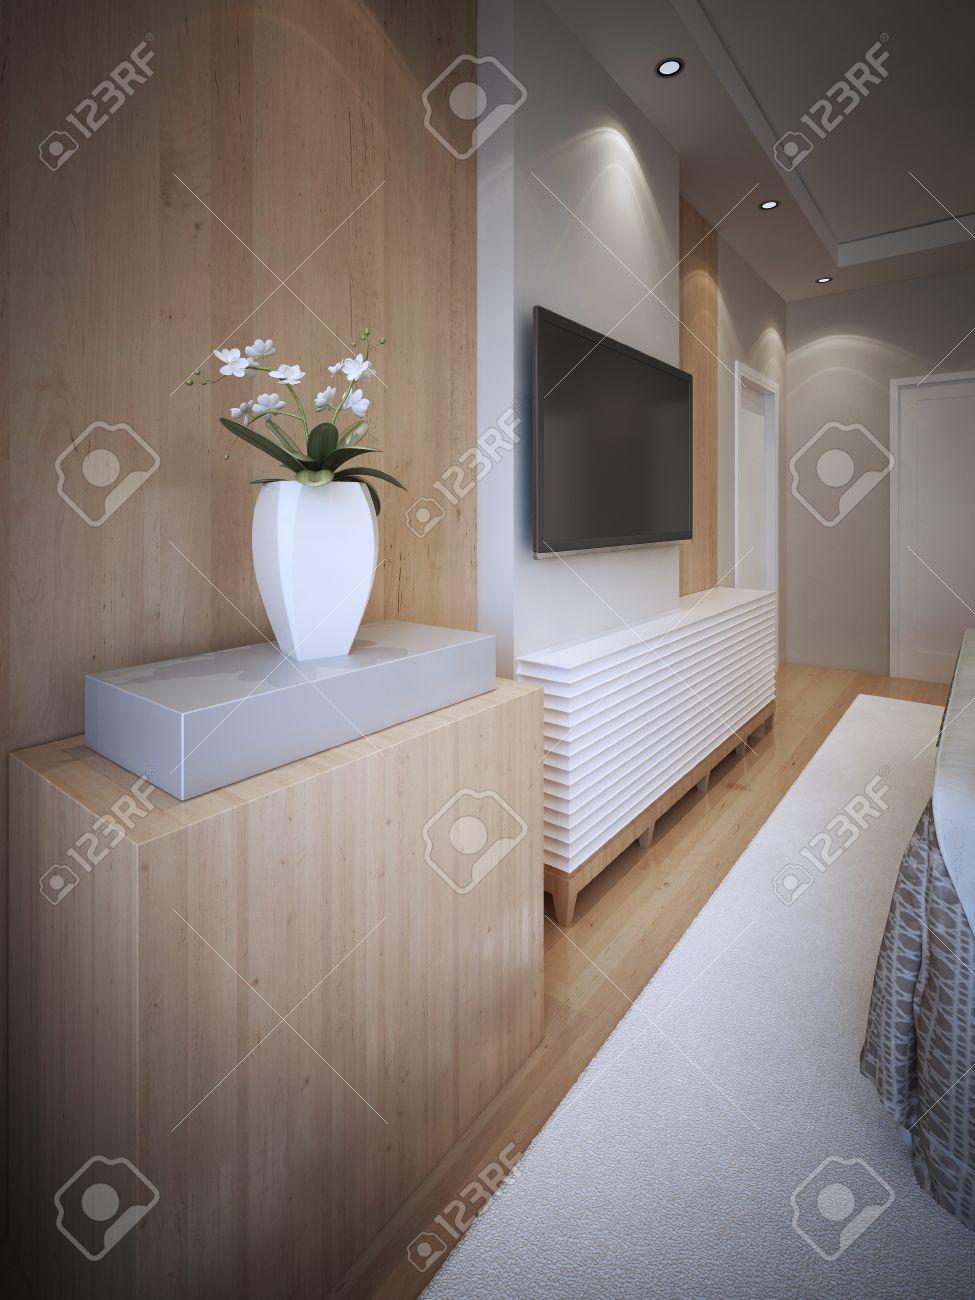 Idée de l\'art déco chambre. mur de panneau de texture en bois avec corniche  décorative pour accrocher la télévision. blanc tapis et plafonniers ...